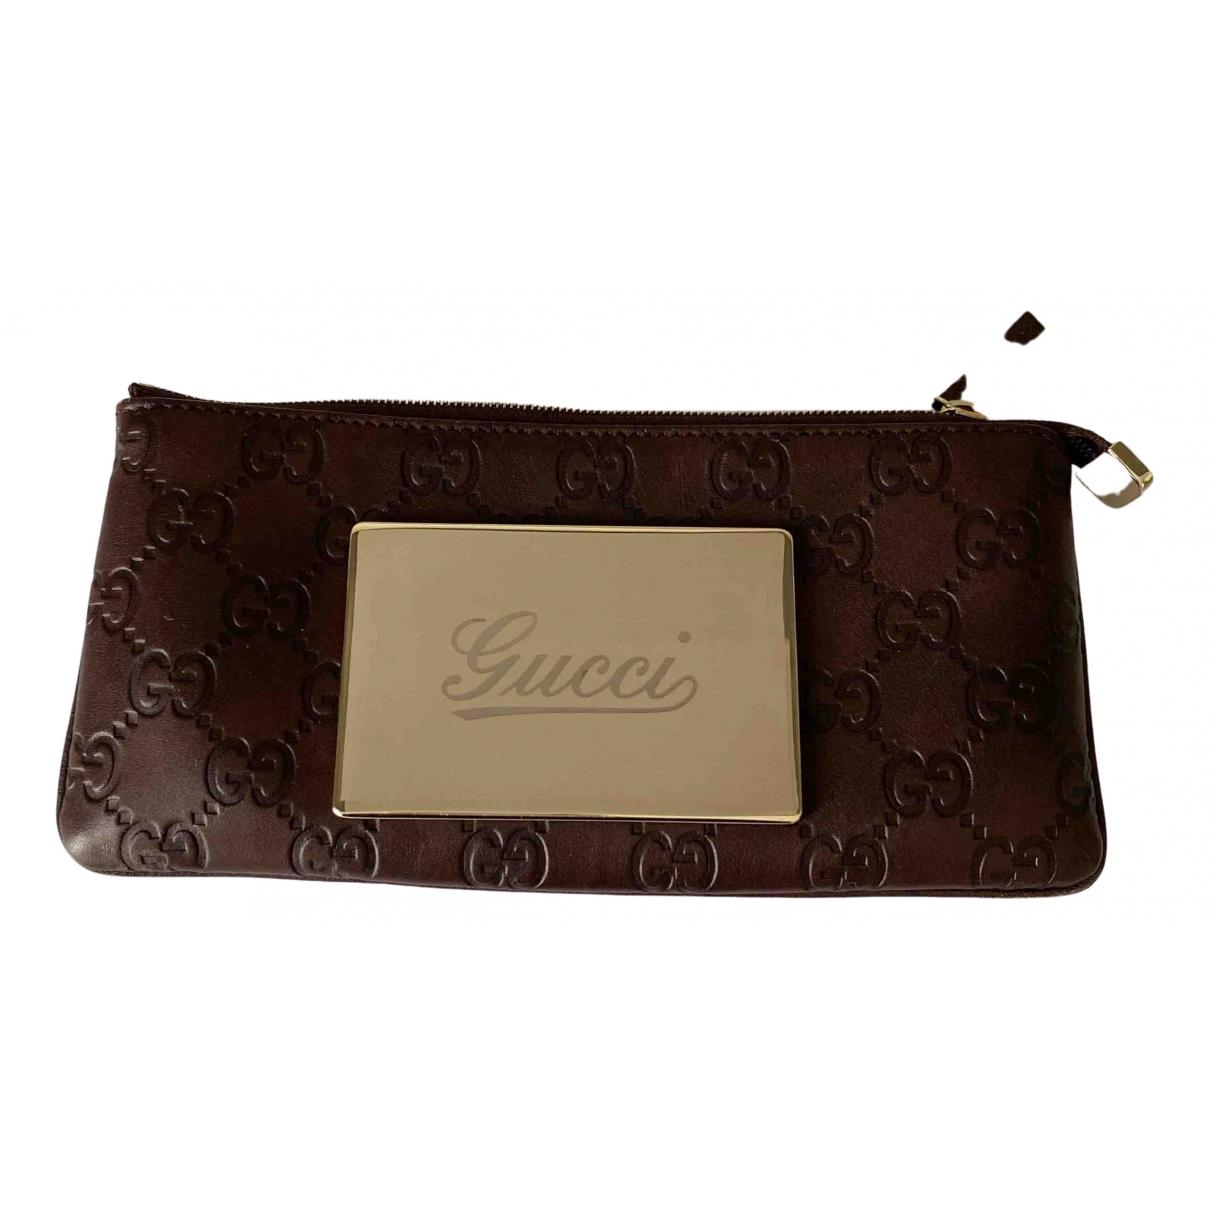 Gucci \N Kleinlederwaren in  Braun Leder